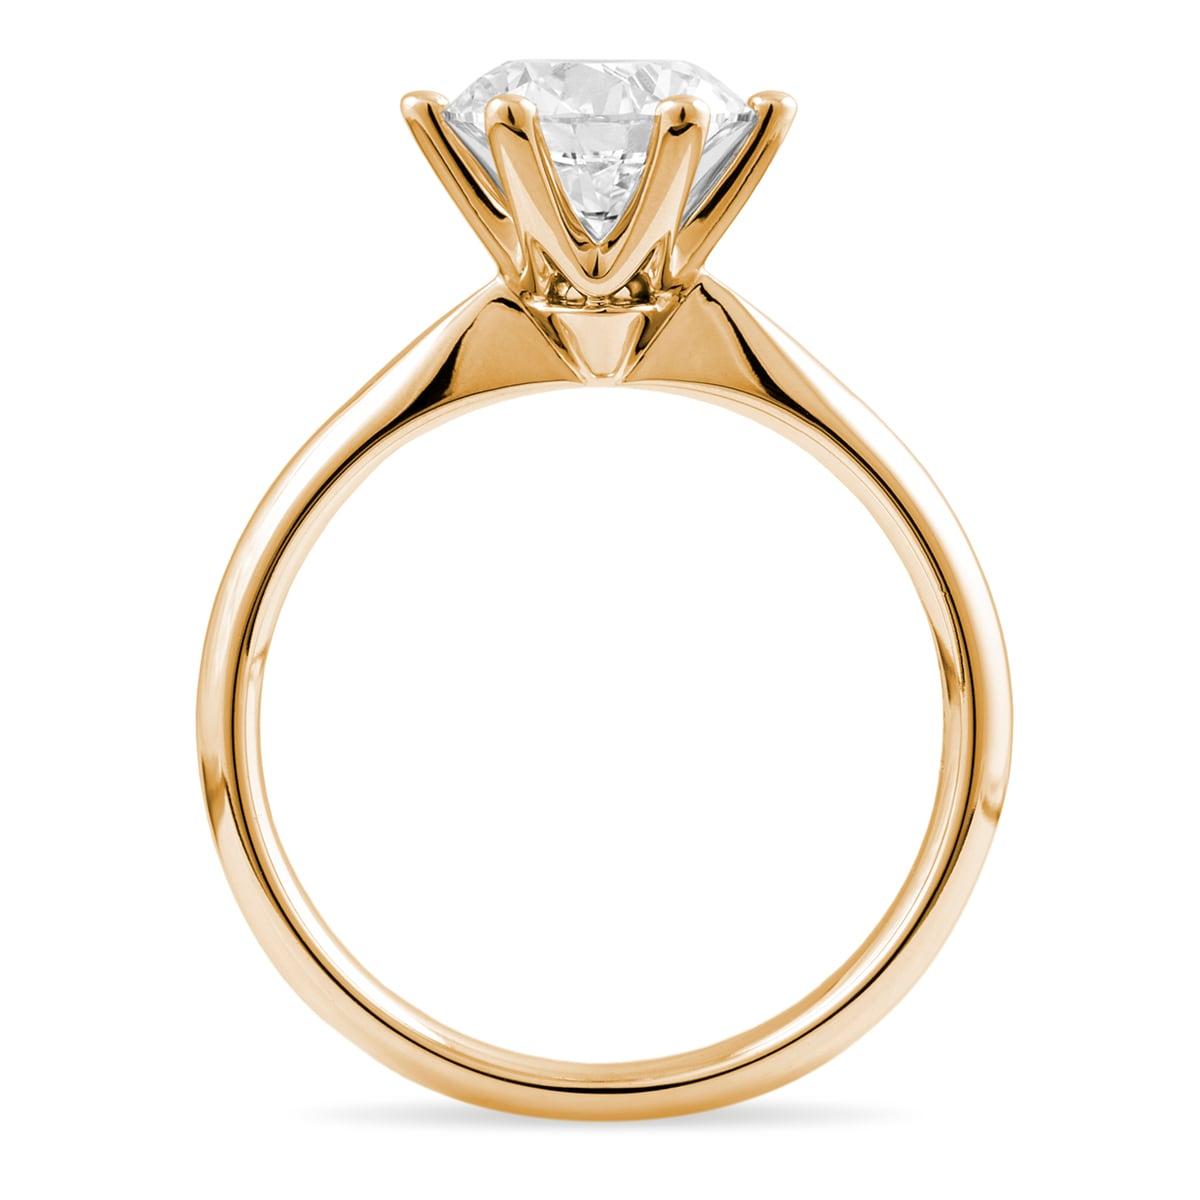 JSS_One_Carat_ring_RG_1,75ct_på_sidan_RG_JS_121116_13129